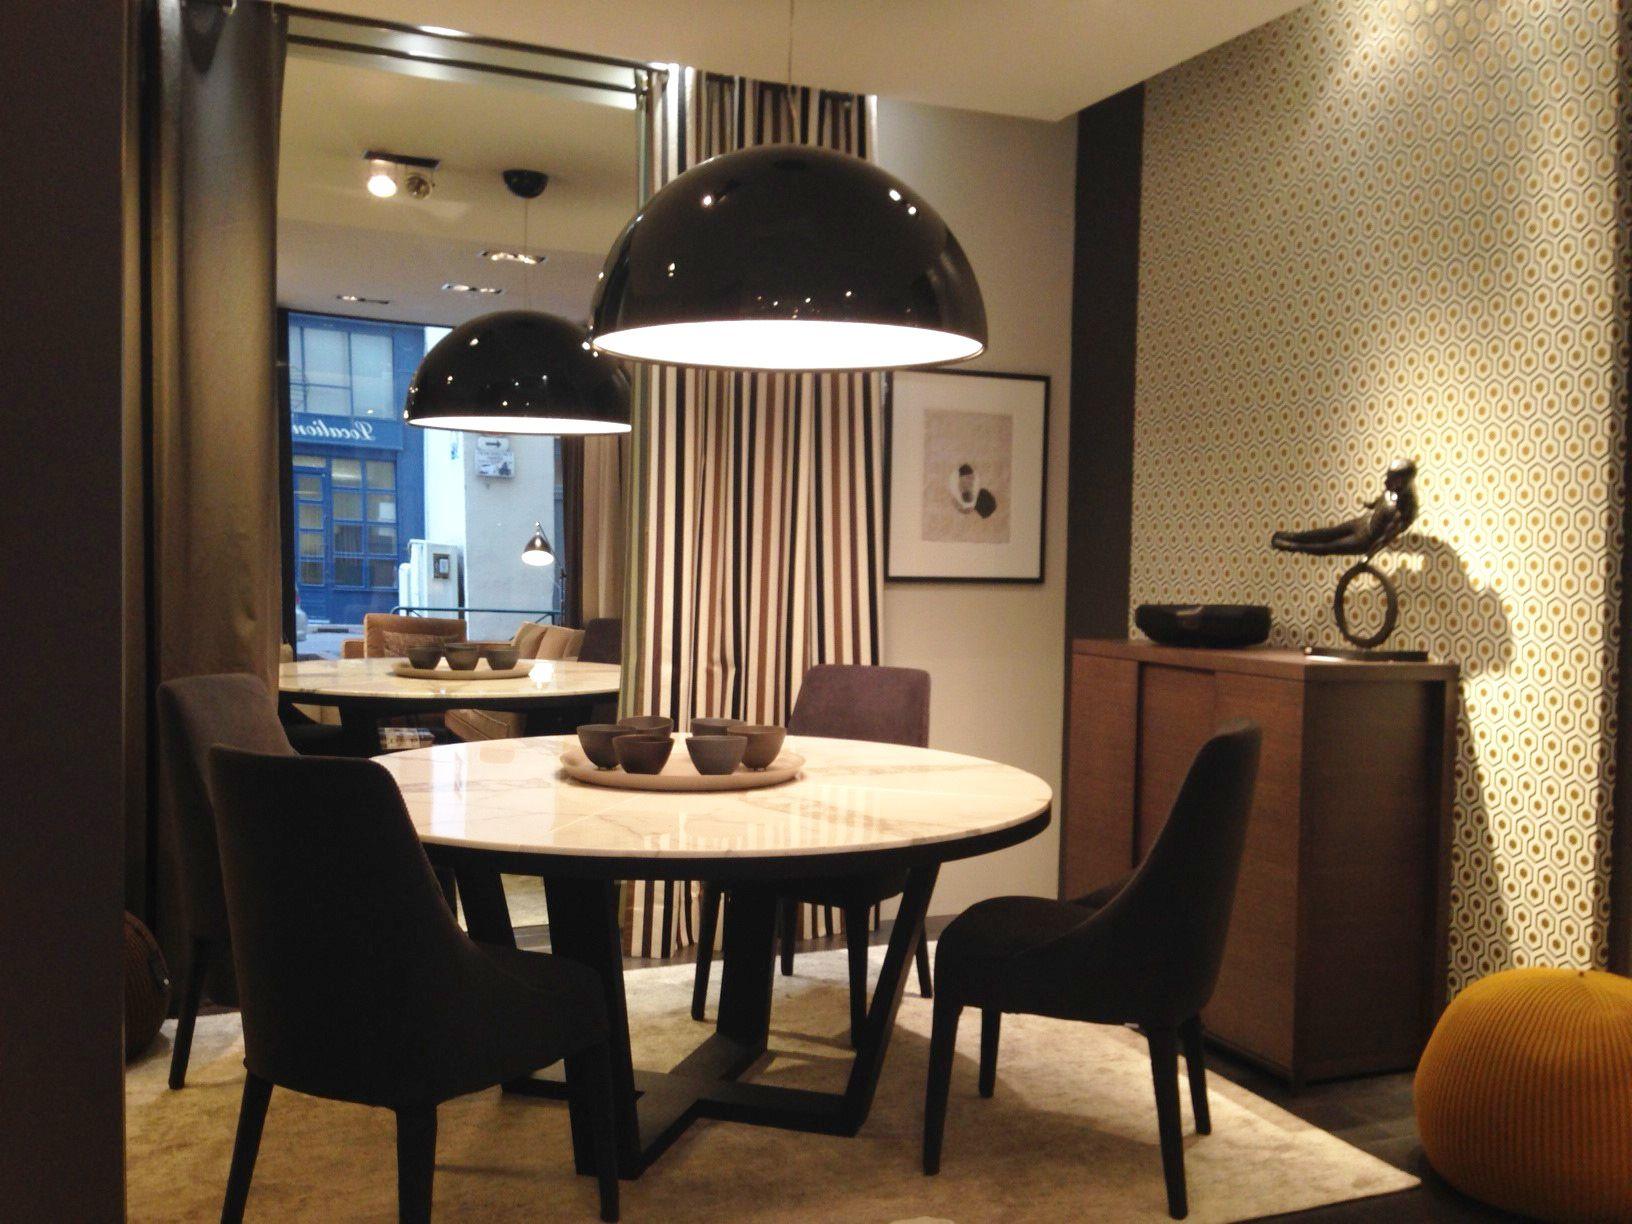 claude cartier d coration mobilier contemporain lyon. Black Bedroom Furniture Sets. Home Design Ideas